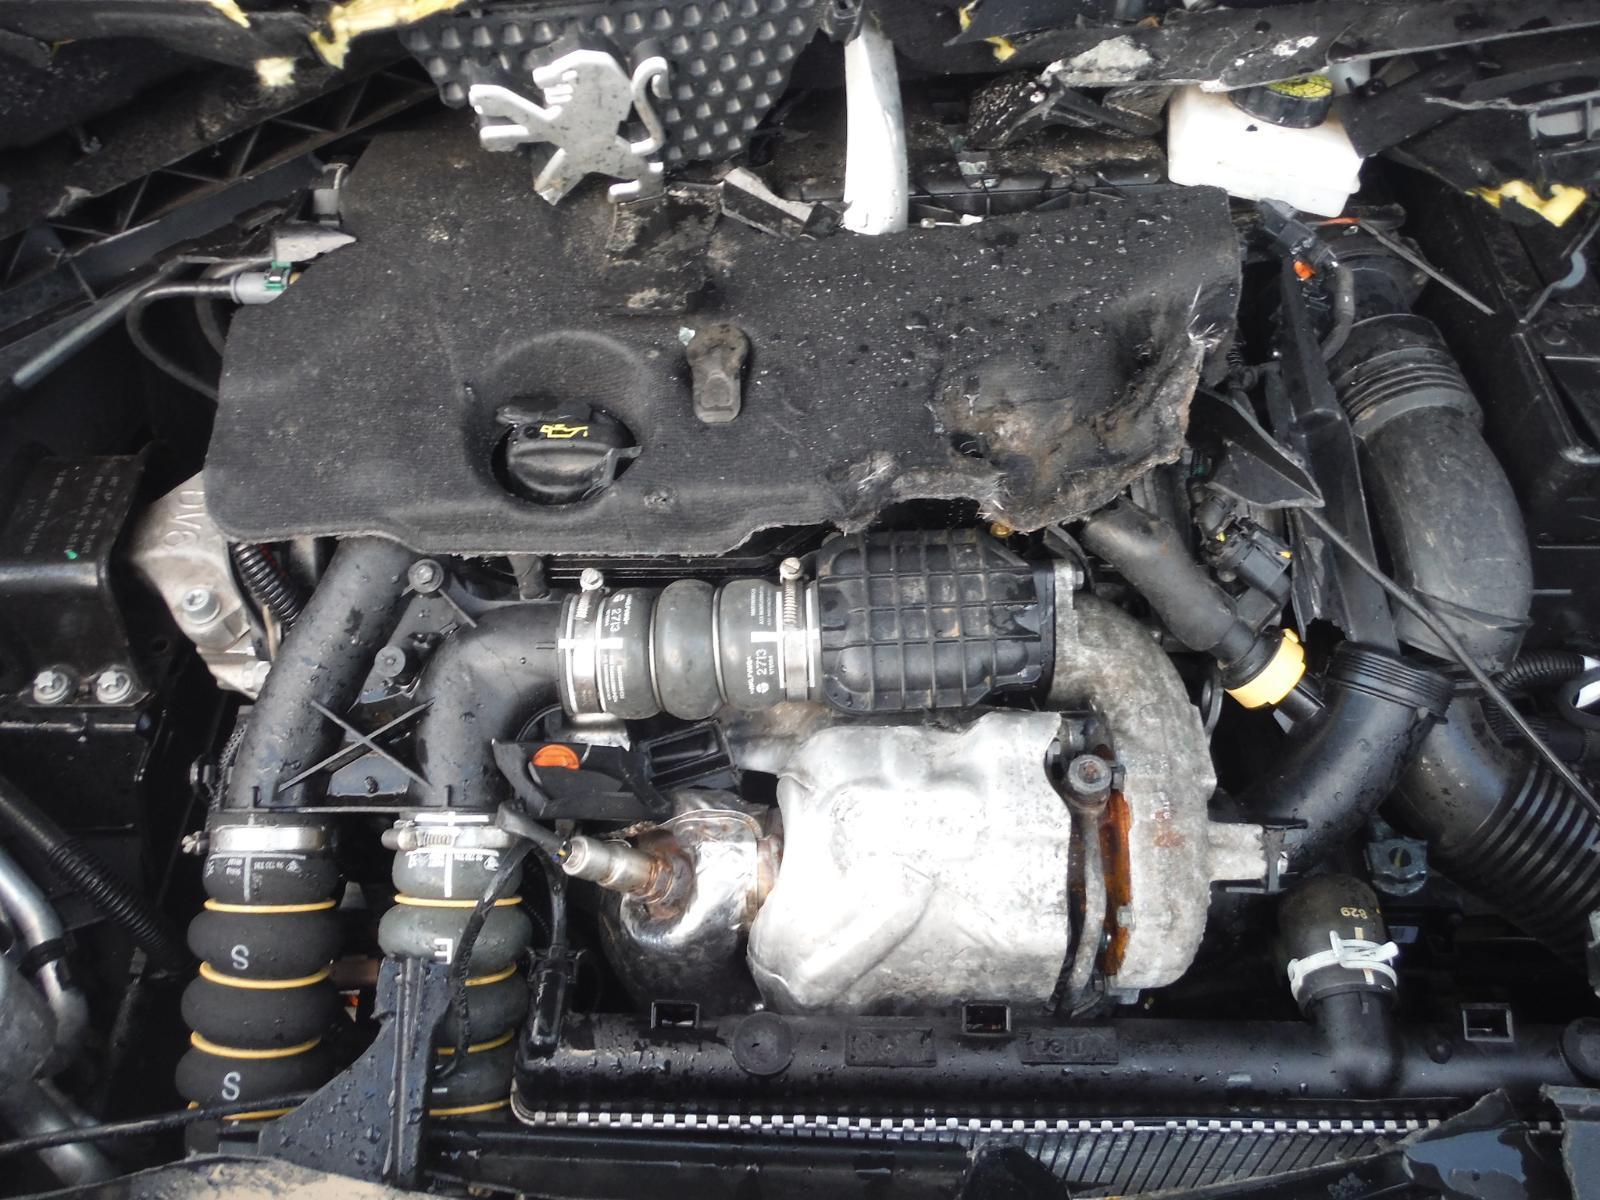 2013 PEUGEOT 3008 1.6 Hdi Turbo Diesel Engine 9hd Code 19k